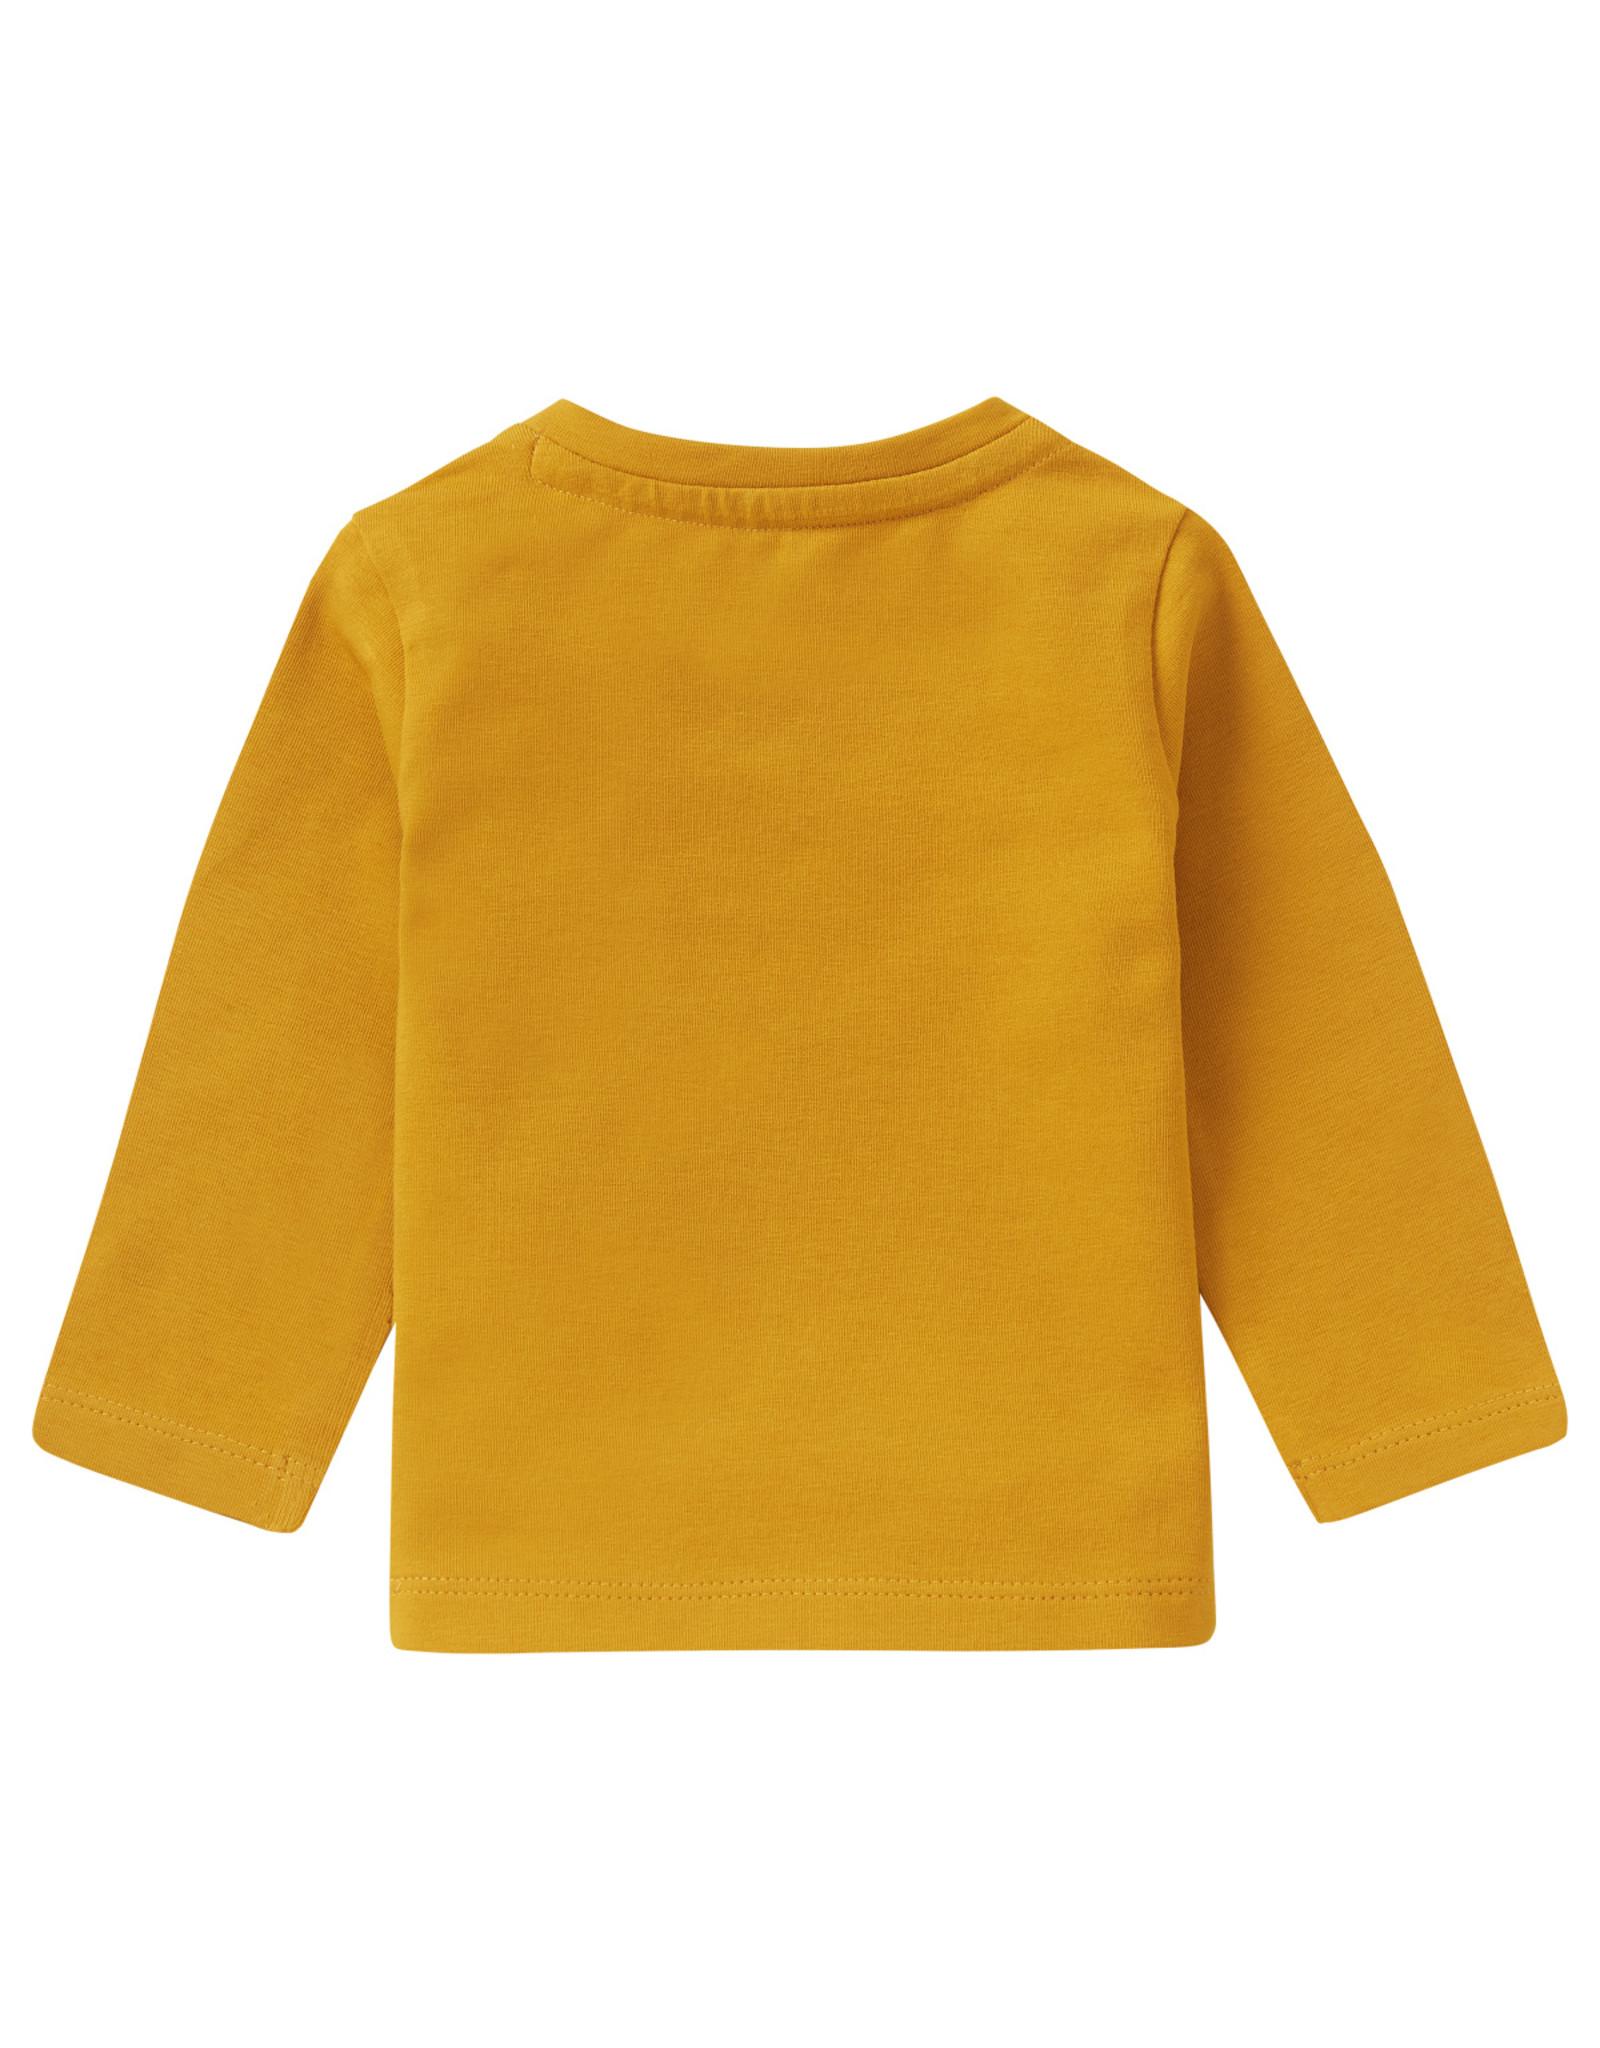 Noppies Noppies G Regular T-shirt LS Askham TAWNY OLIVE